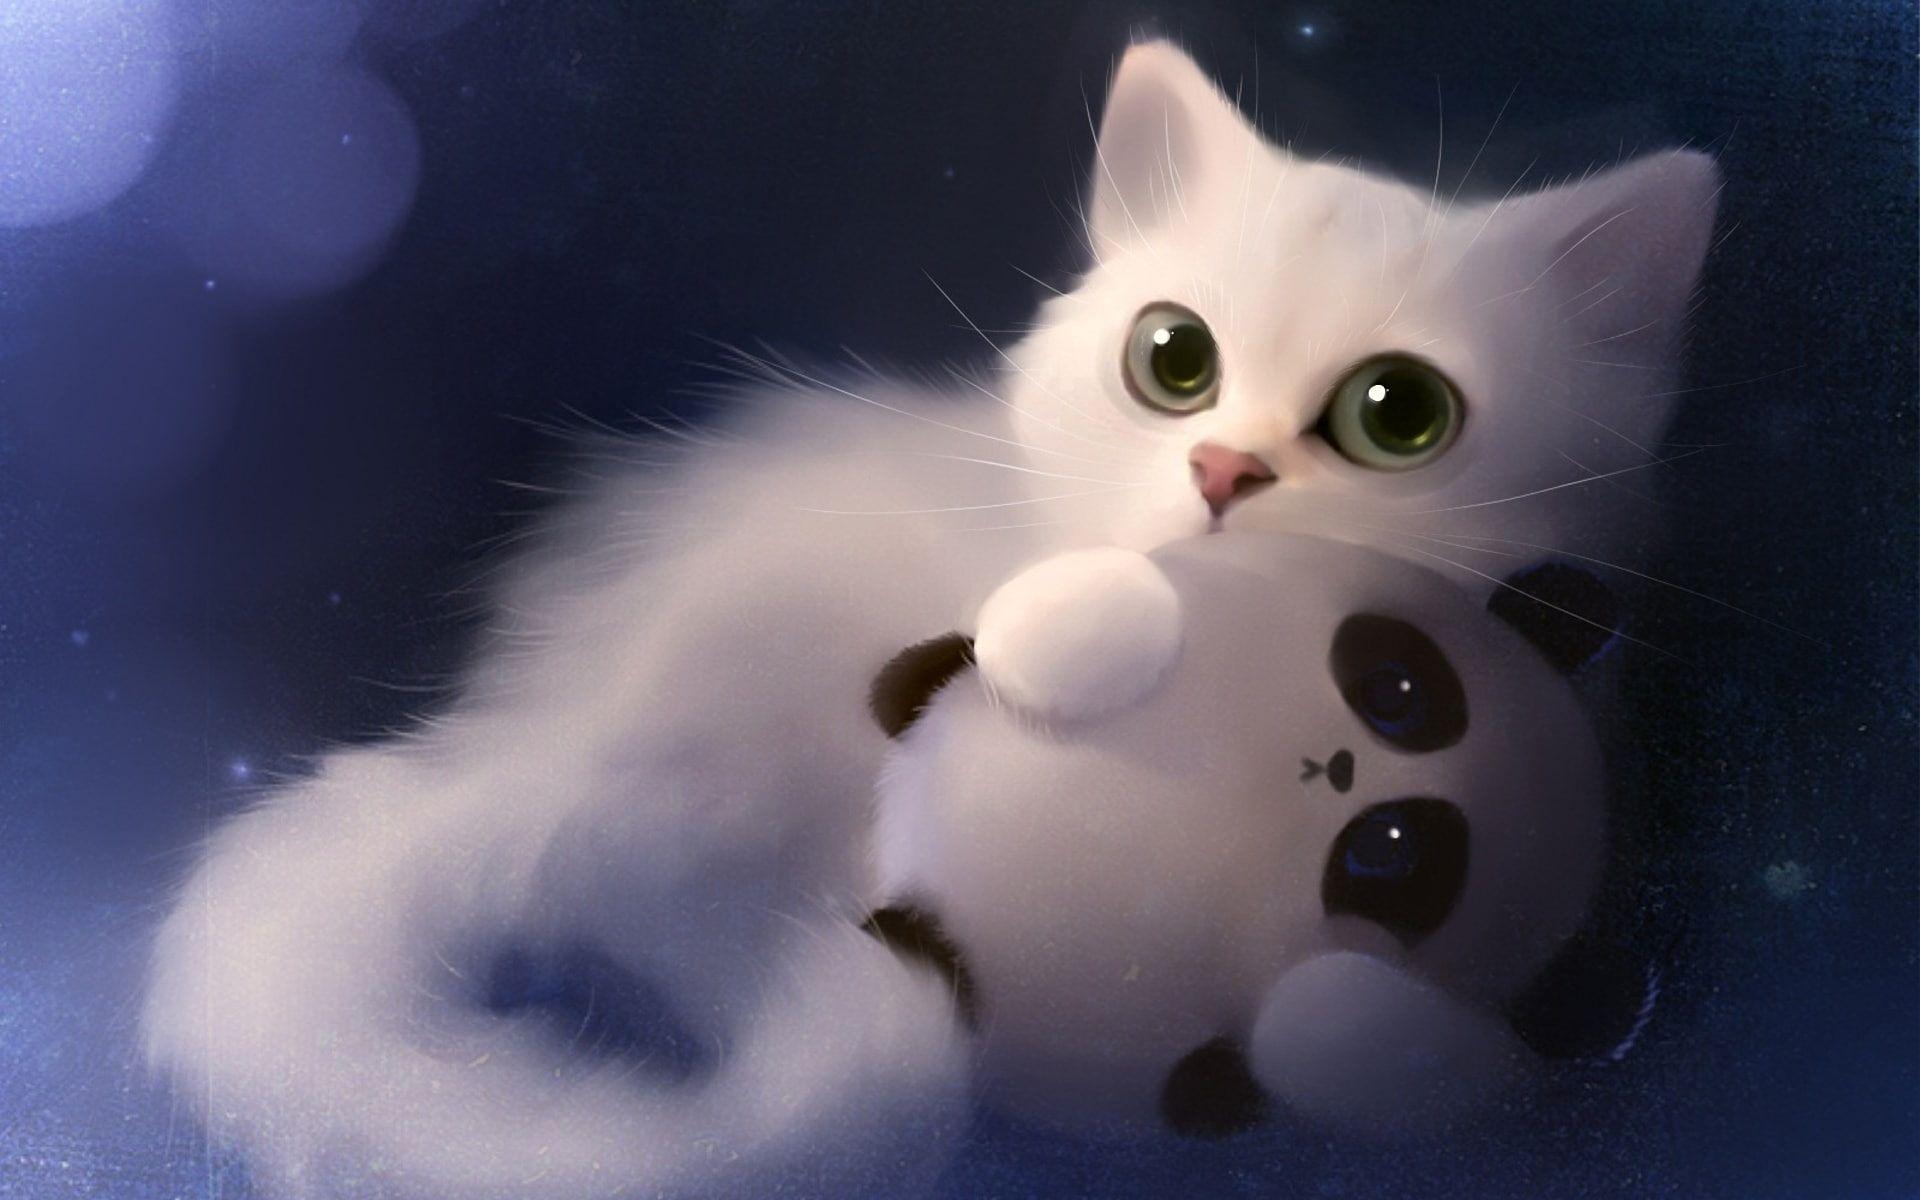 Art Painting White Cat And Toy Panda Art Painting White Cat Toy Panda 1080p Wallpaper Hdwallpap In 2021 Hd Cute Wallpapers Cute Laptop Wallpaper Cat Wallpaper Cute kitty hd wallpaper